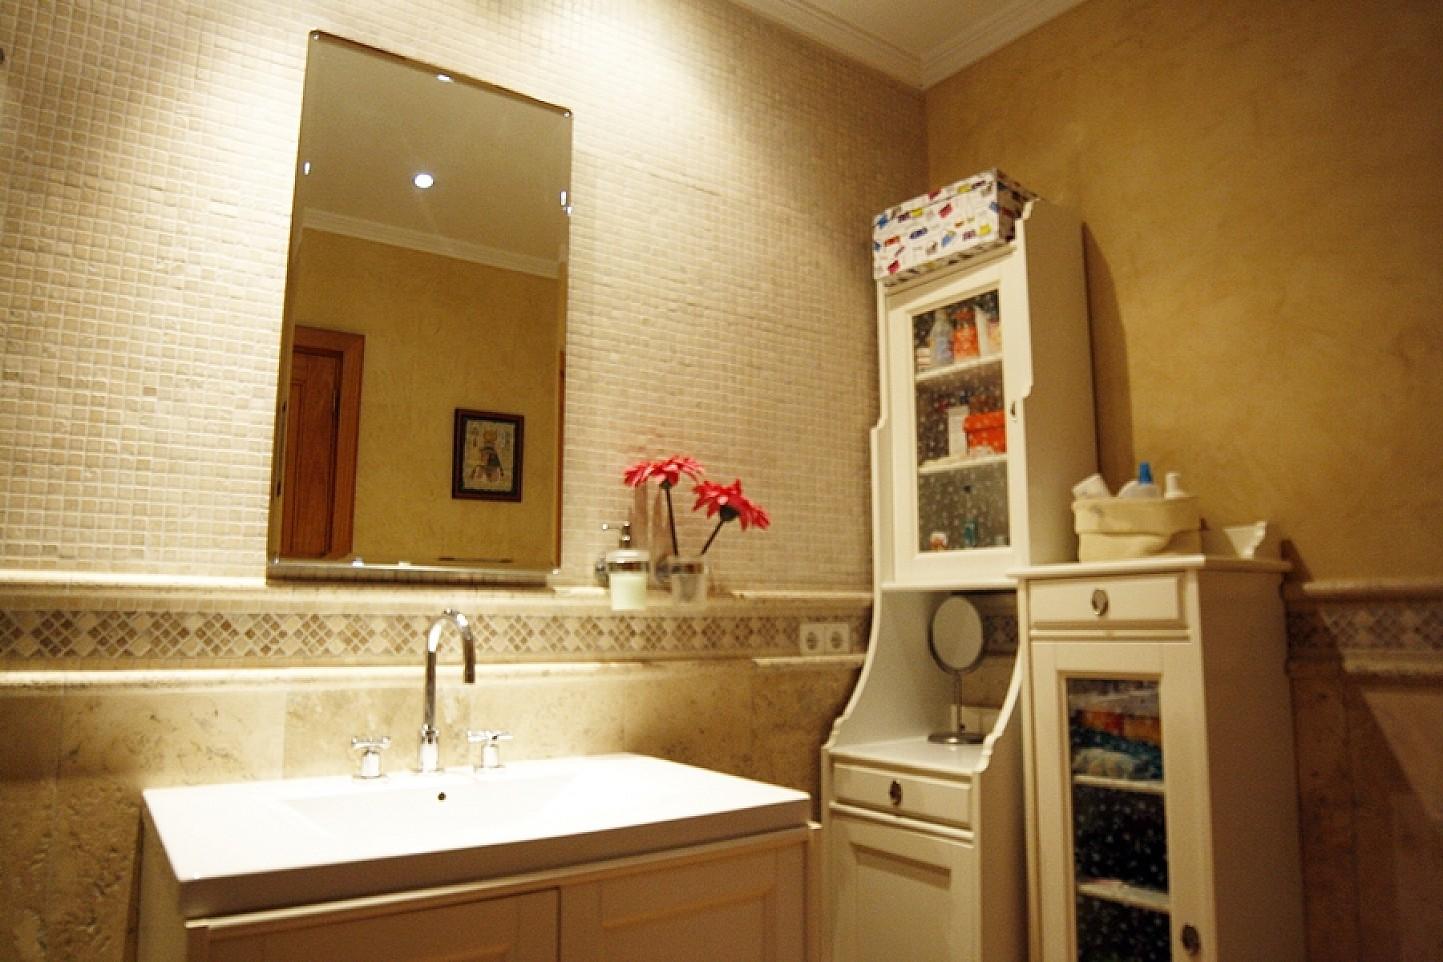 Baño de casa unifamiliar con mucho encanto en venta en Llucmajor, Mallorca